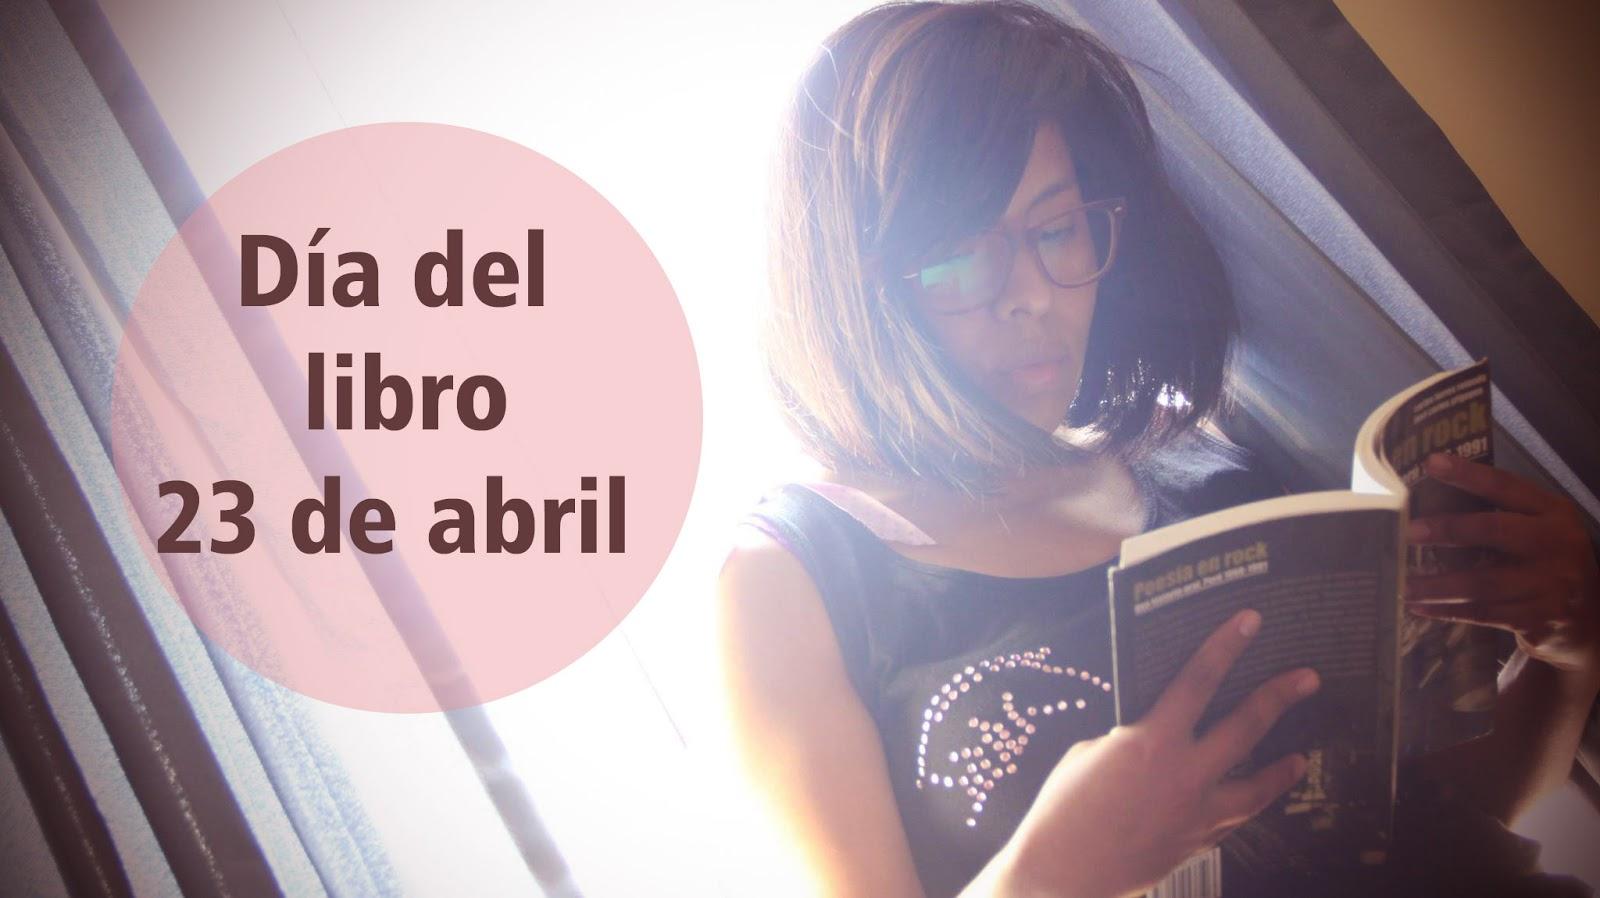 dia del libro, dia del libro en peru, curiosidades del dia del libro, historia del dia del libro, sabias que del dia del libro